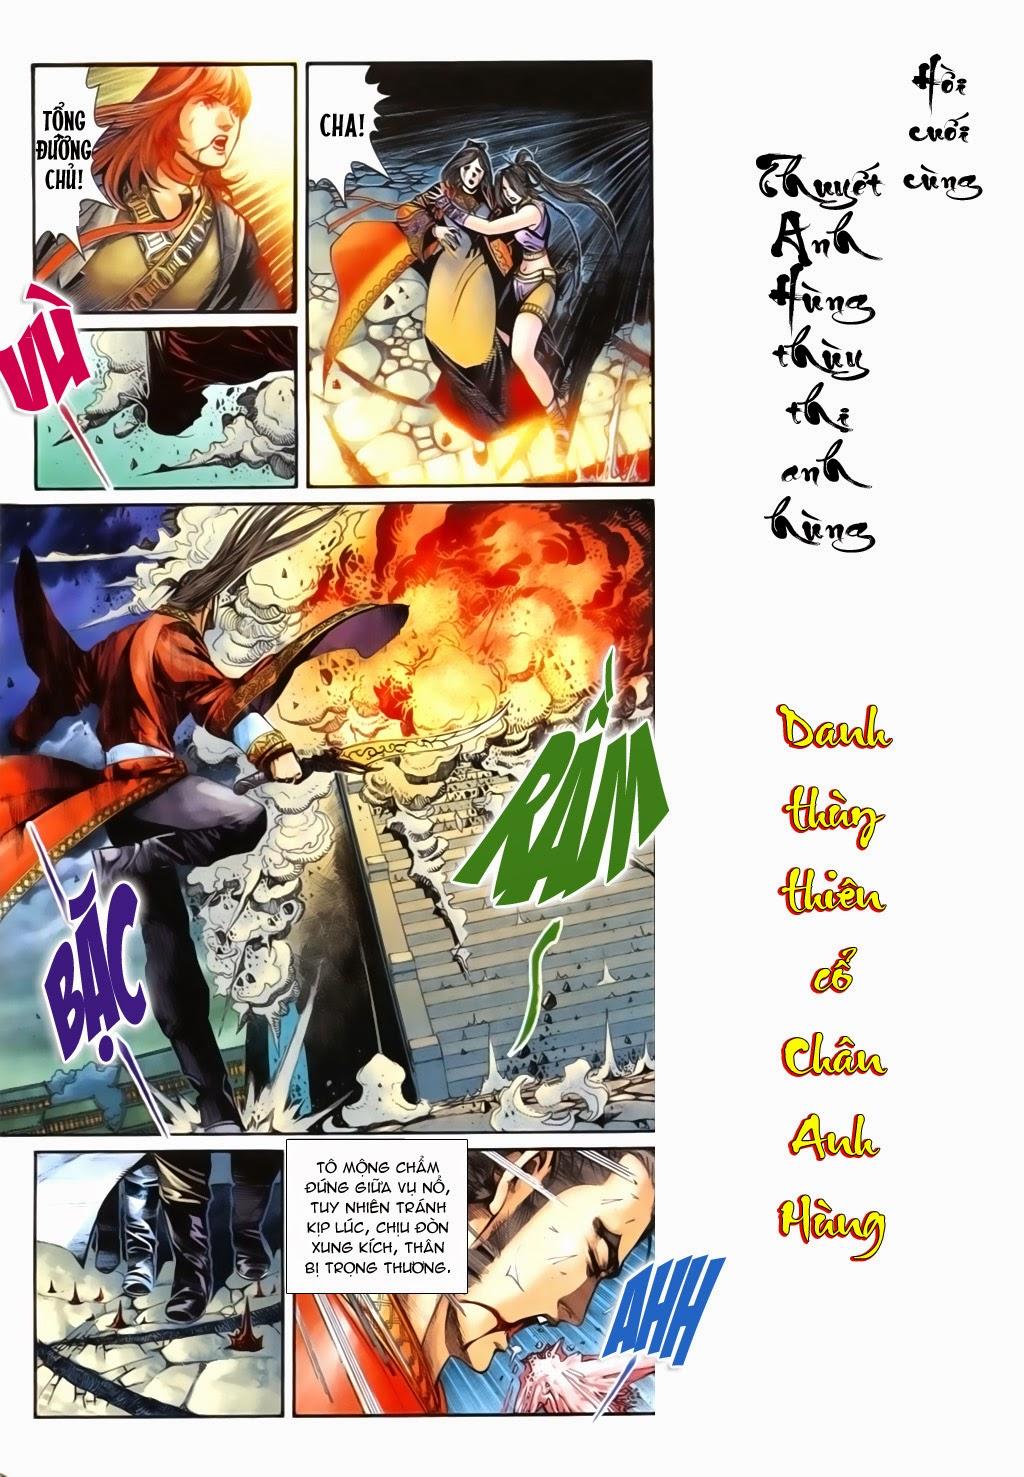 Thuyết Anh Hùng Thùy Thị Anh Hùng chap 16 Trang 5 - Mangak.info